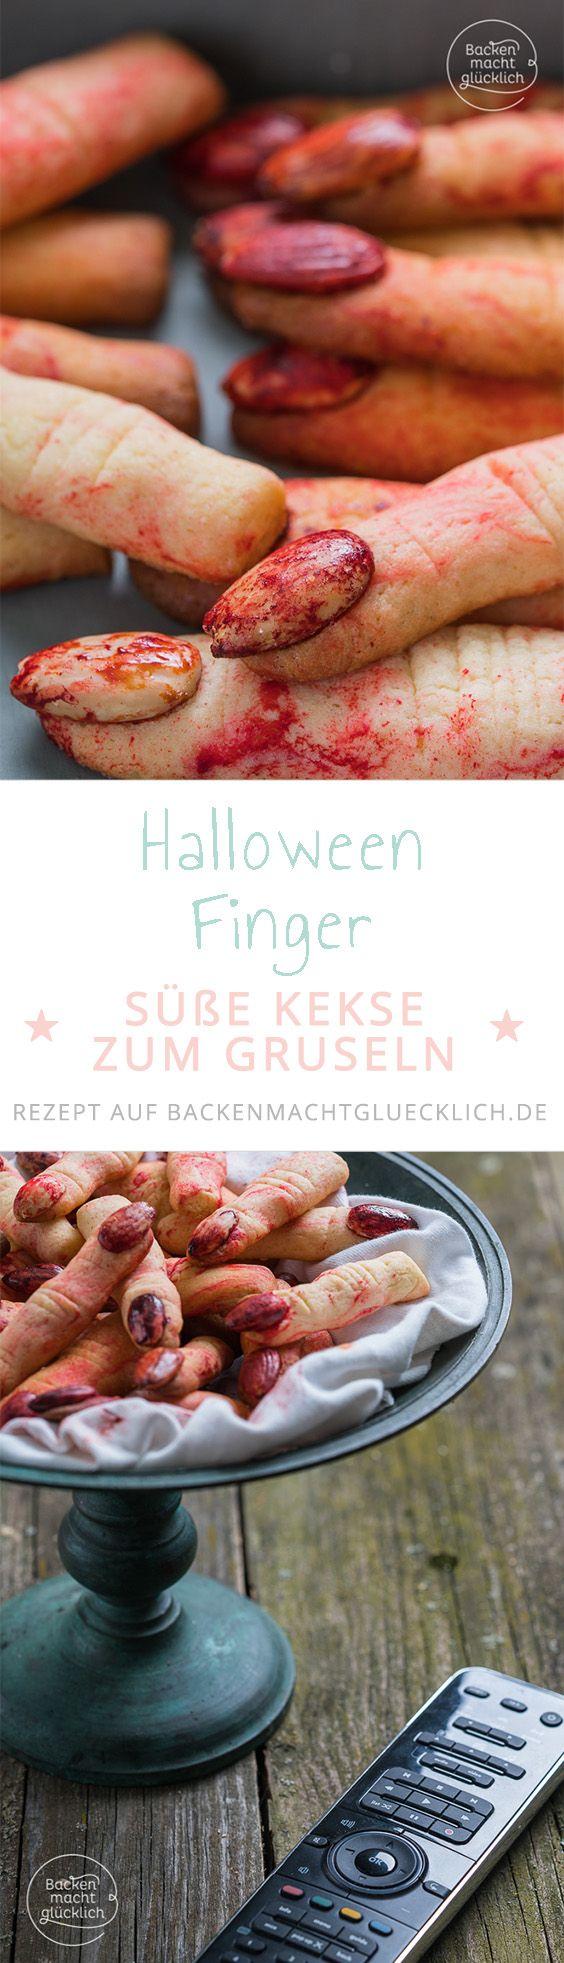 Backen für Halloween! Mit diesen schaurigen Keksen gruselt sich an Halloween garantiert jeder am Halloween-Buffet.